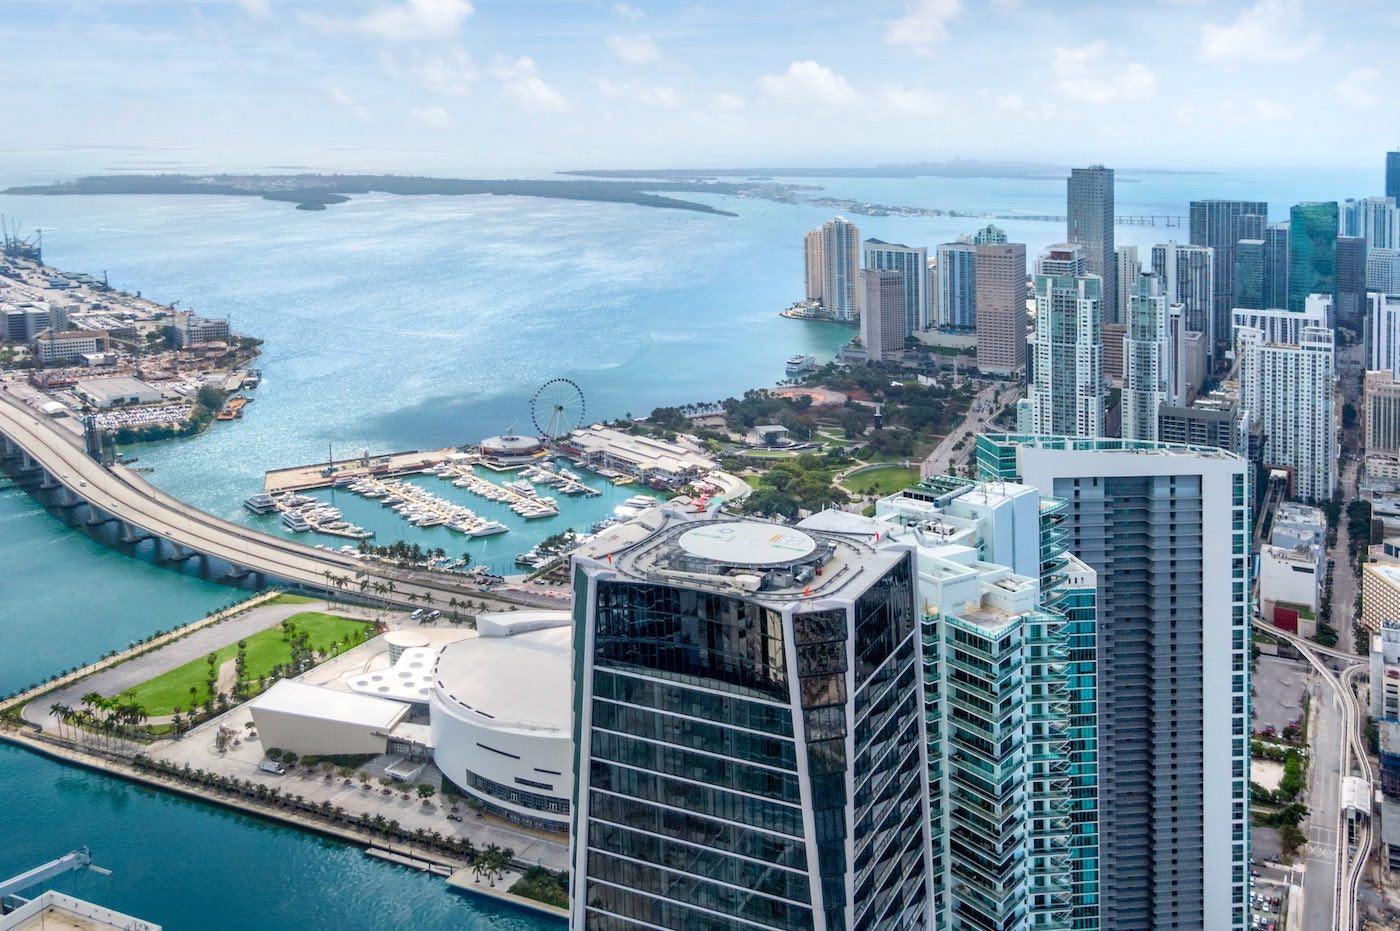 Paul Pogba, compra condomino de lujo en la torre One Thousand Museum en Miami diseñada por Zaha Hadid